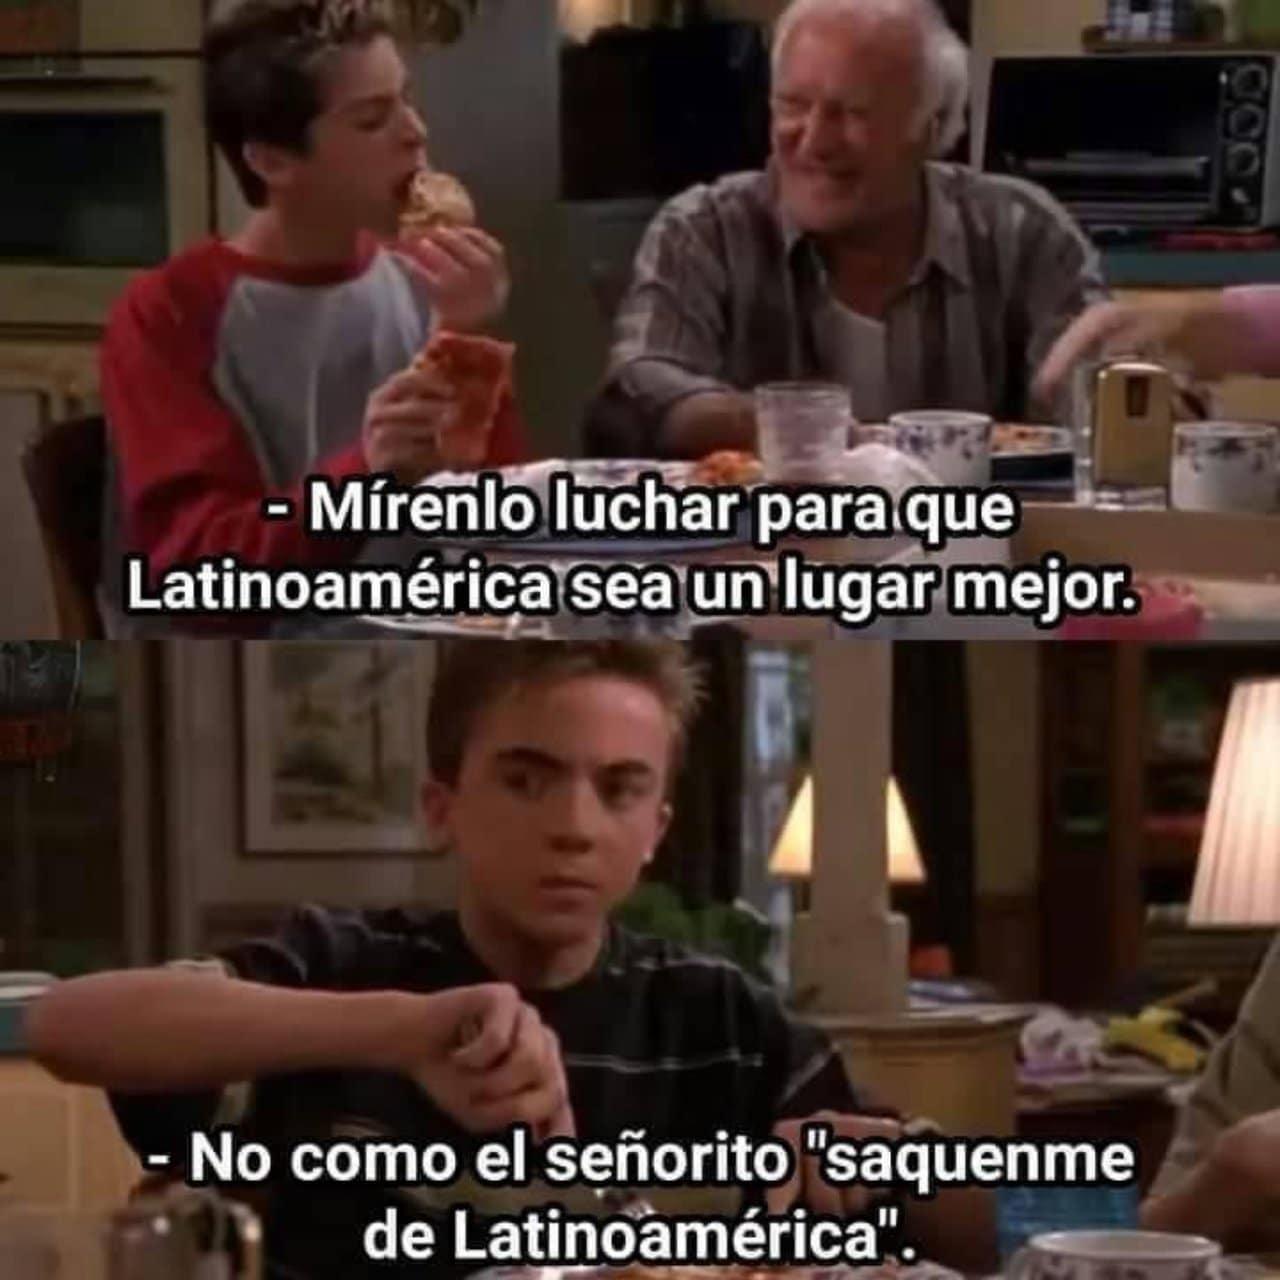 meme no como el señorito latinoamerica